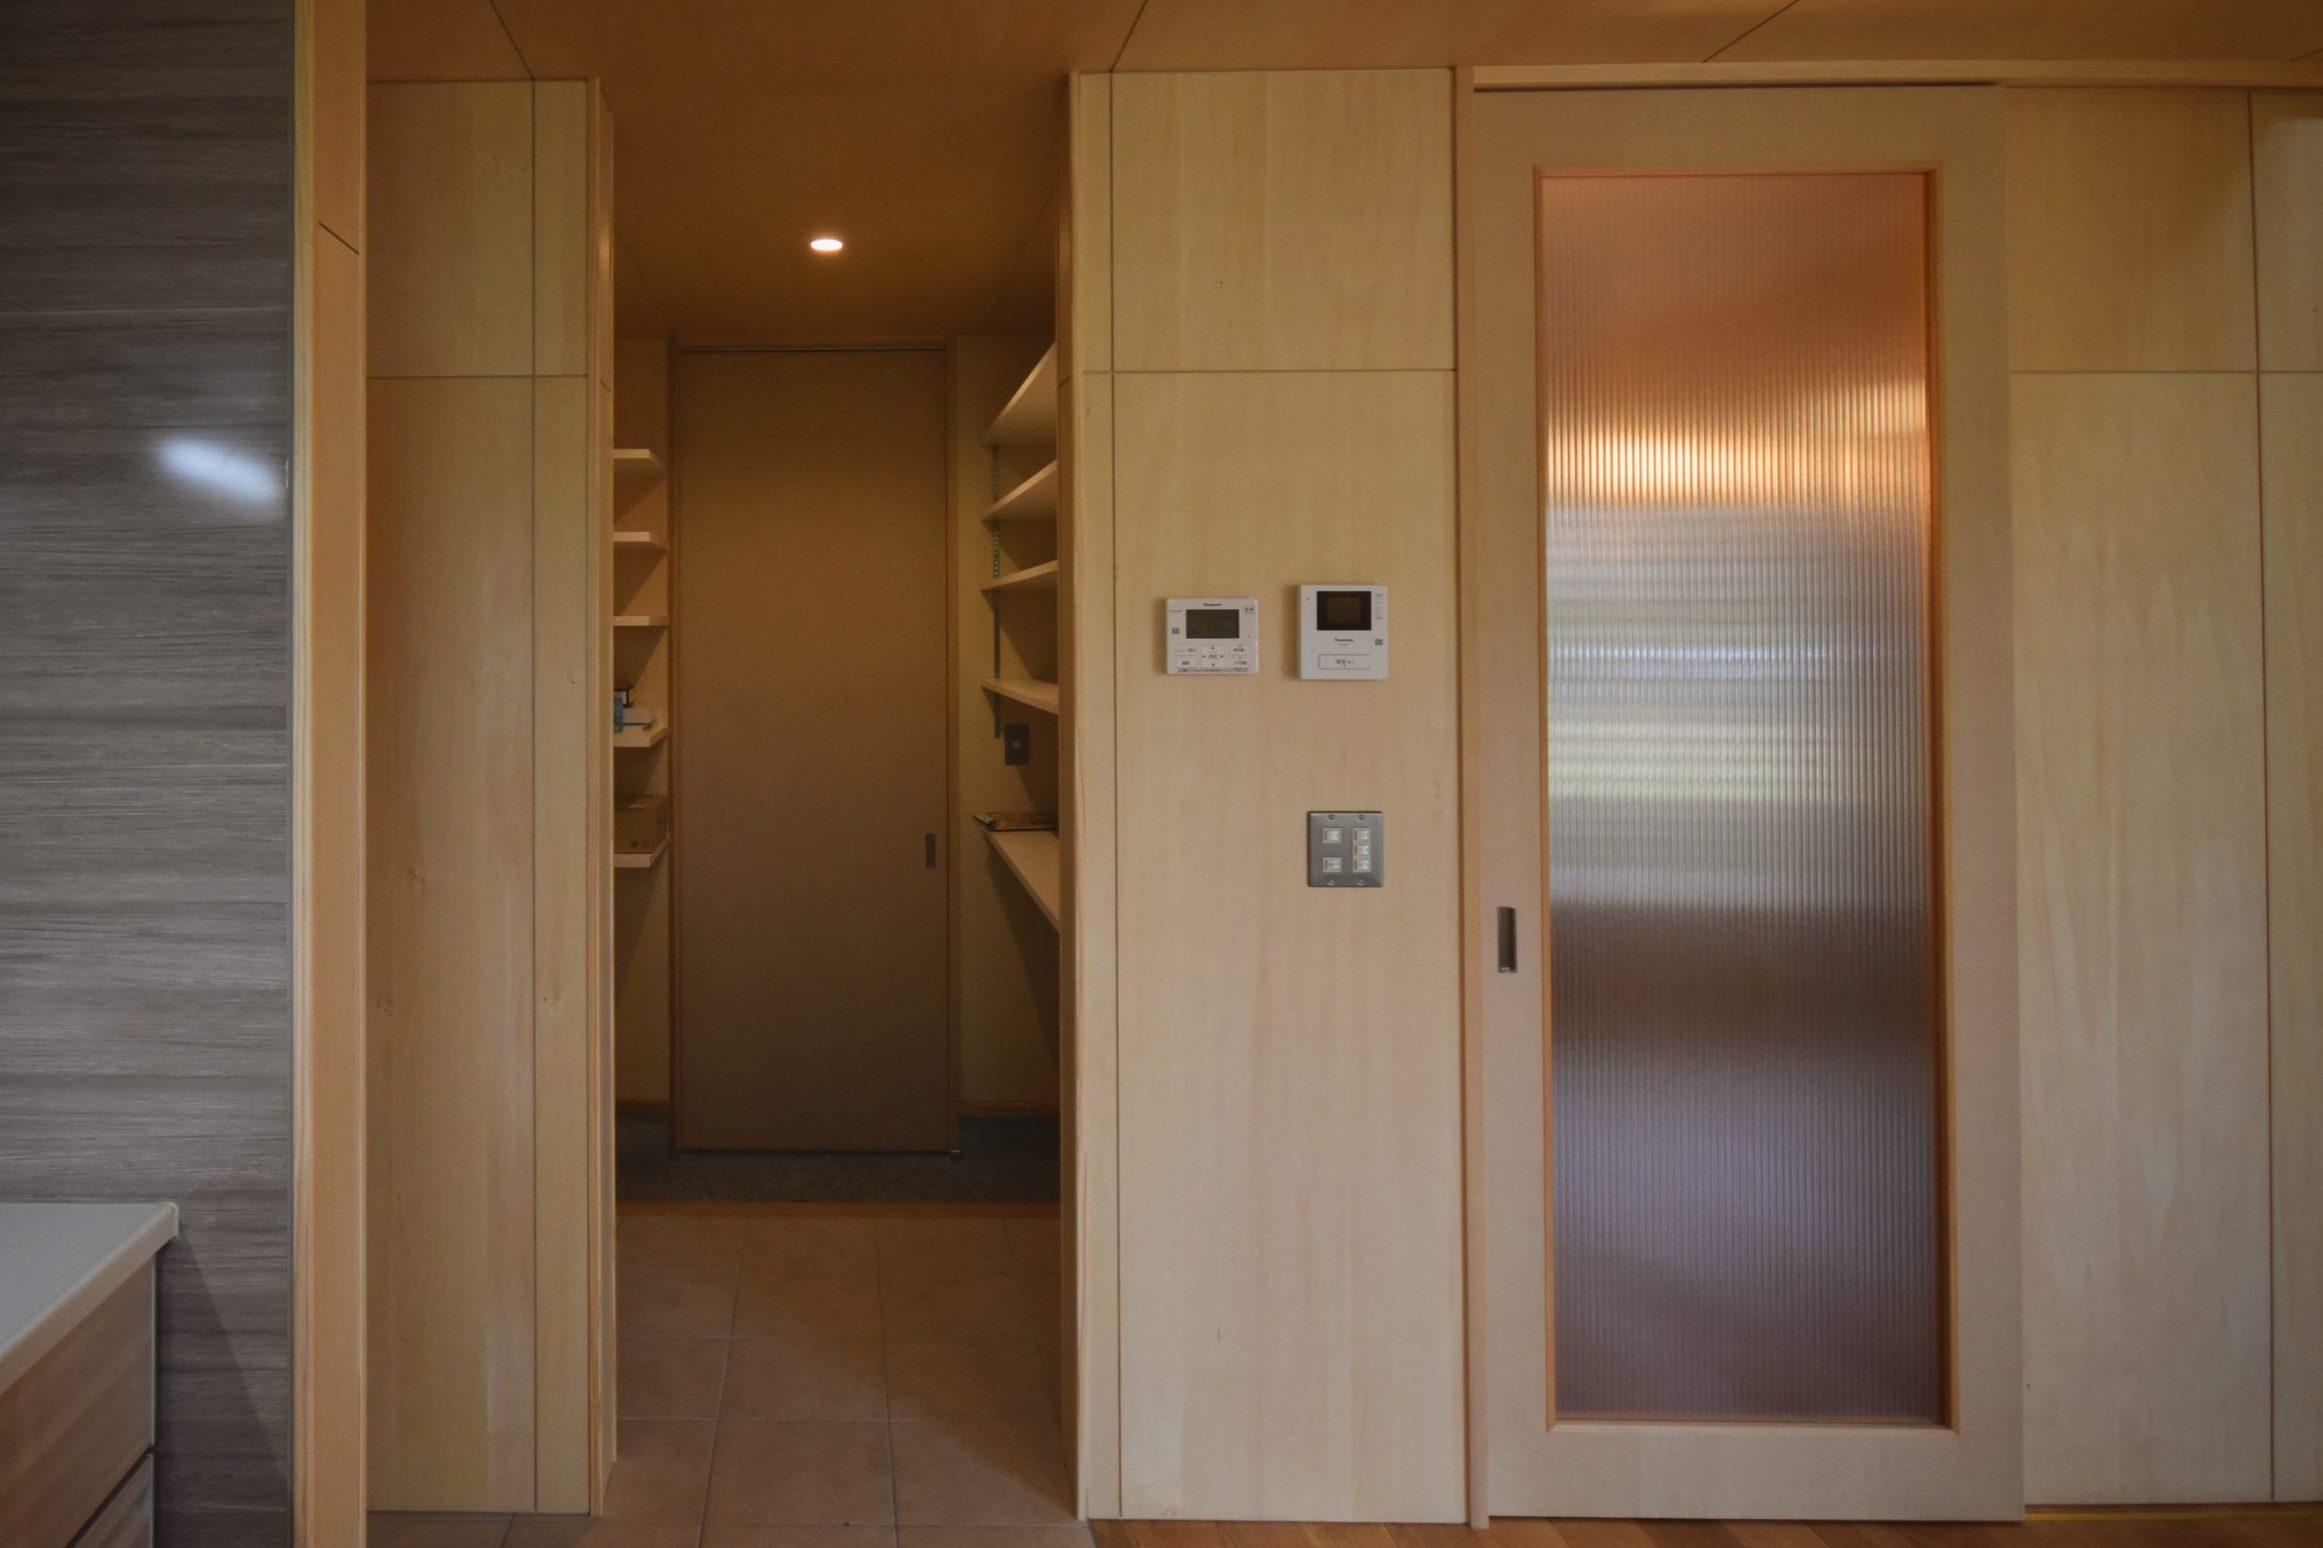 田迎の住宅:扉の奥は玄関~土足でも入れるパントリー~キッチンと一直線に動線をとっています。